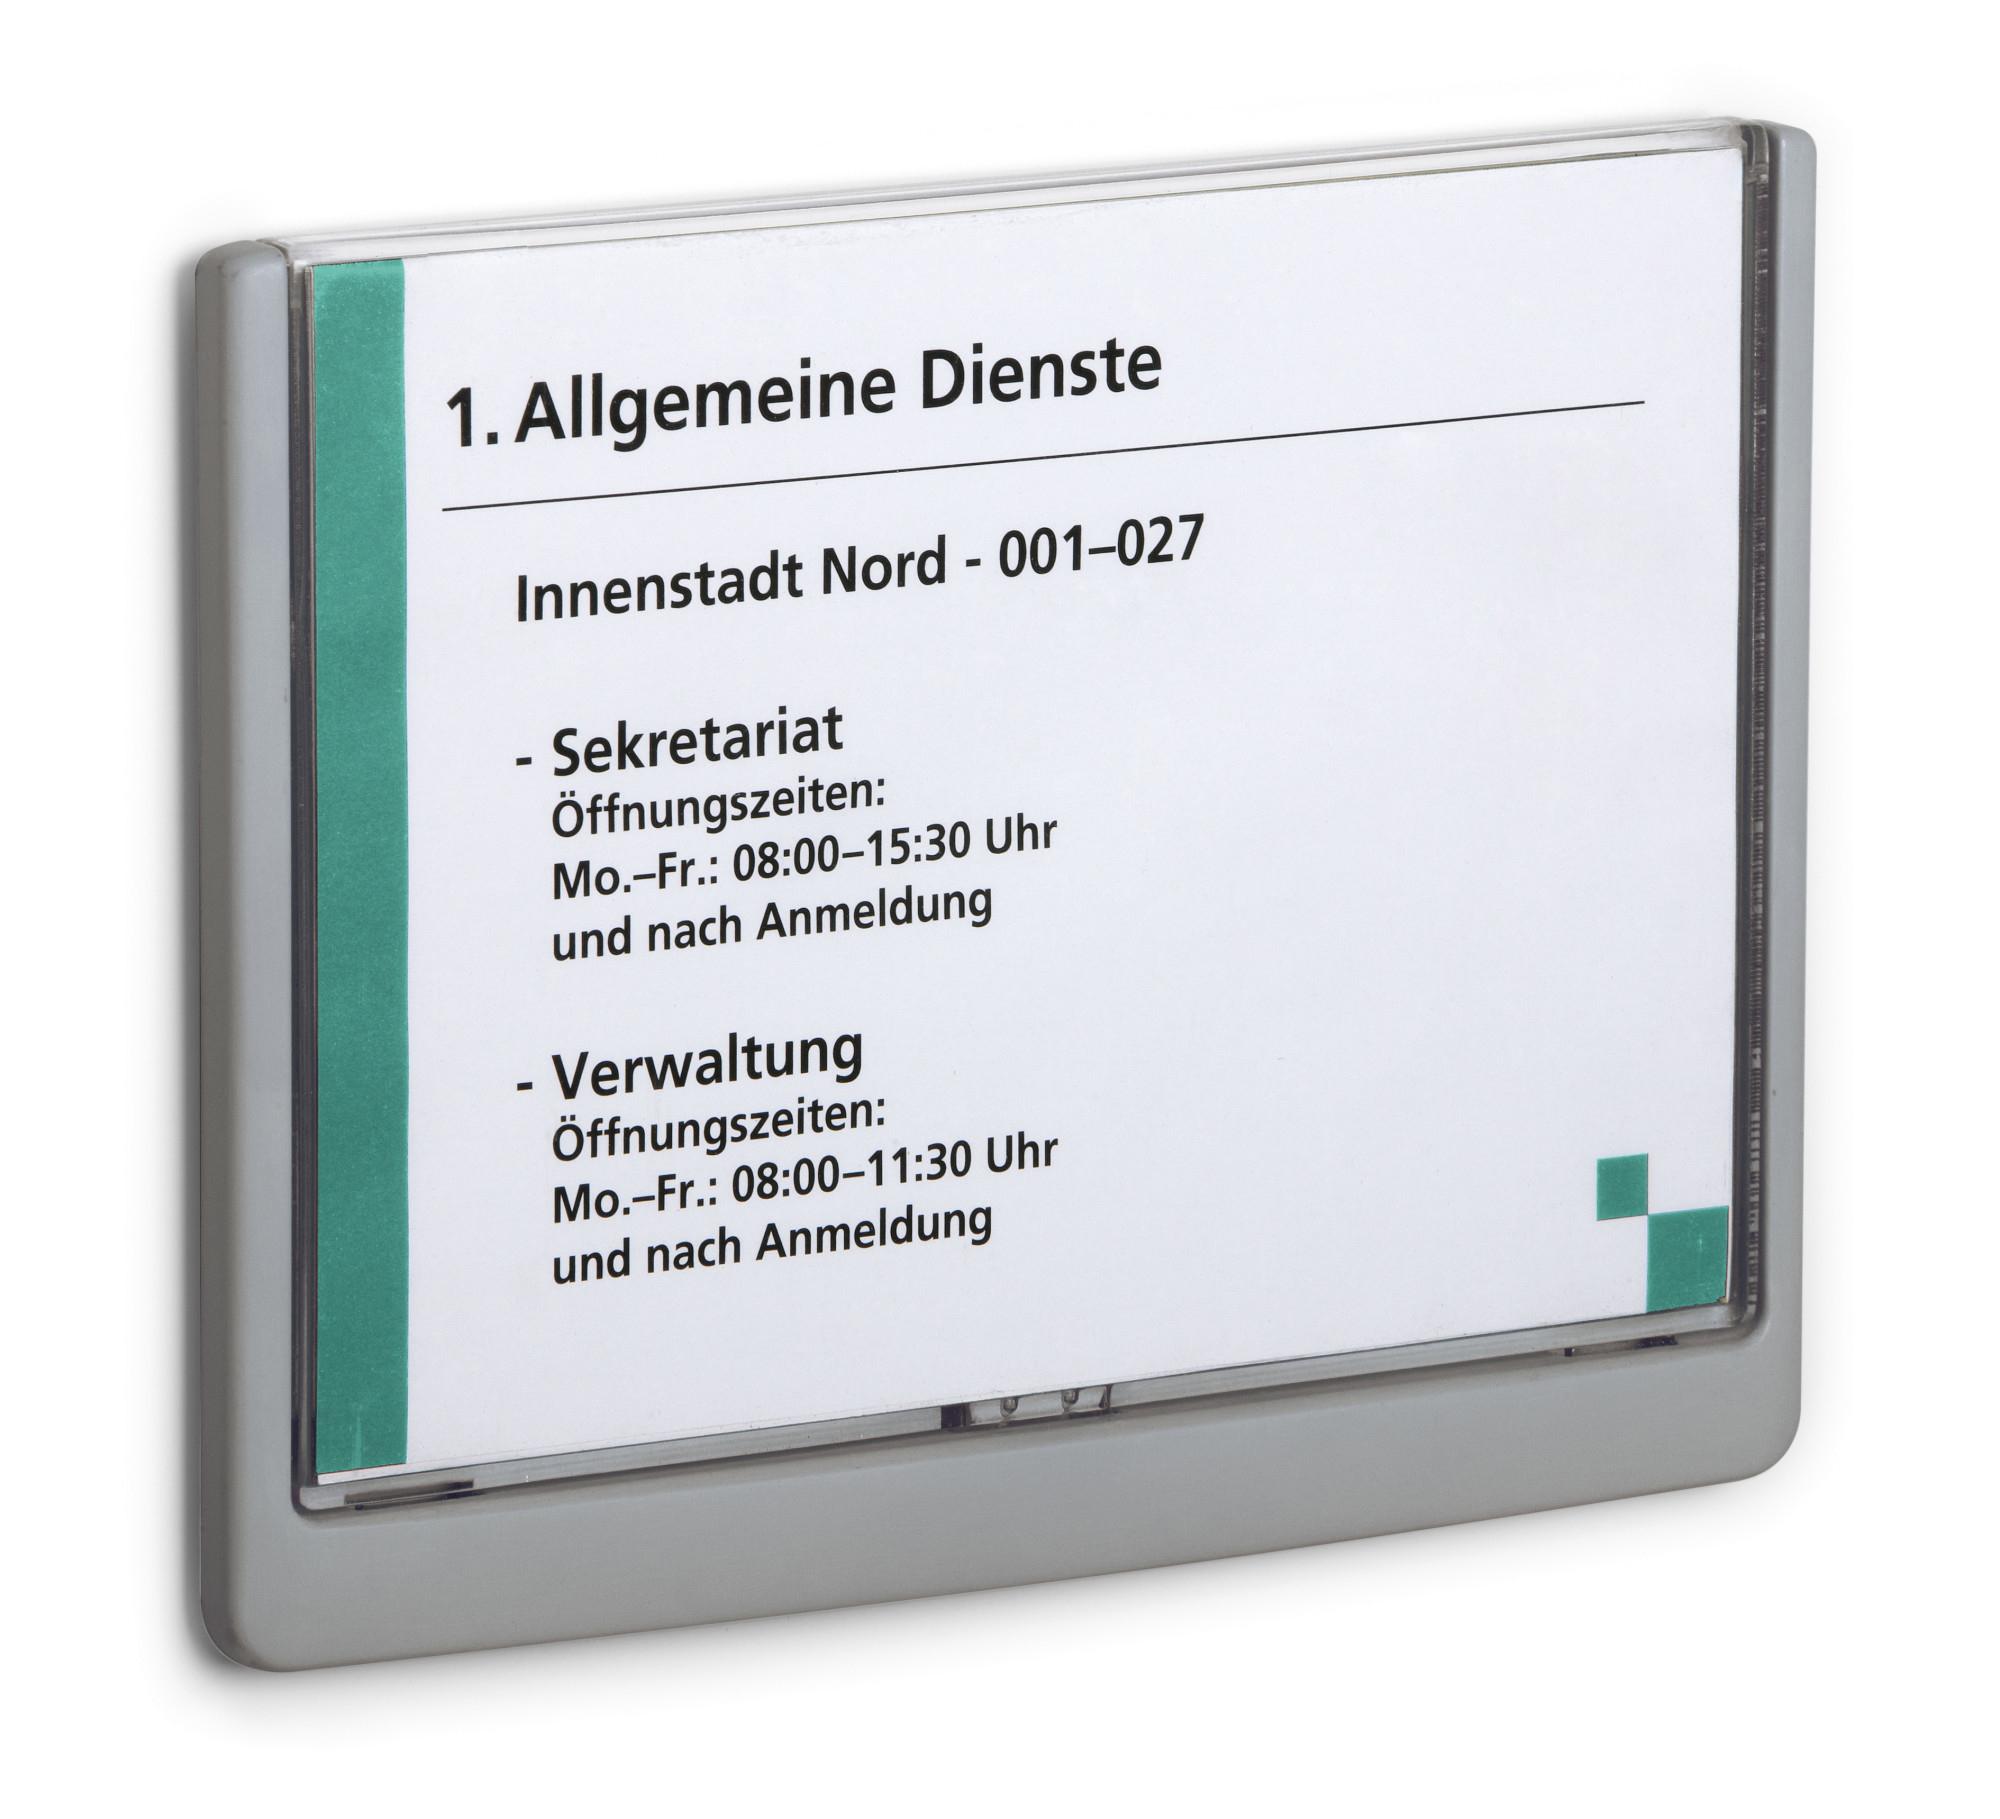 Durable 486637 - Schilderhalter - A5 - Kunststoff - Graphit - 21 cm - 14,8 cm